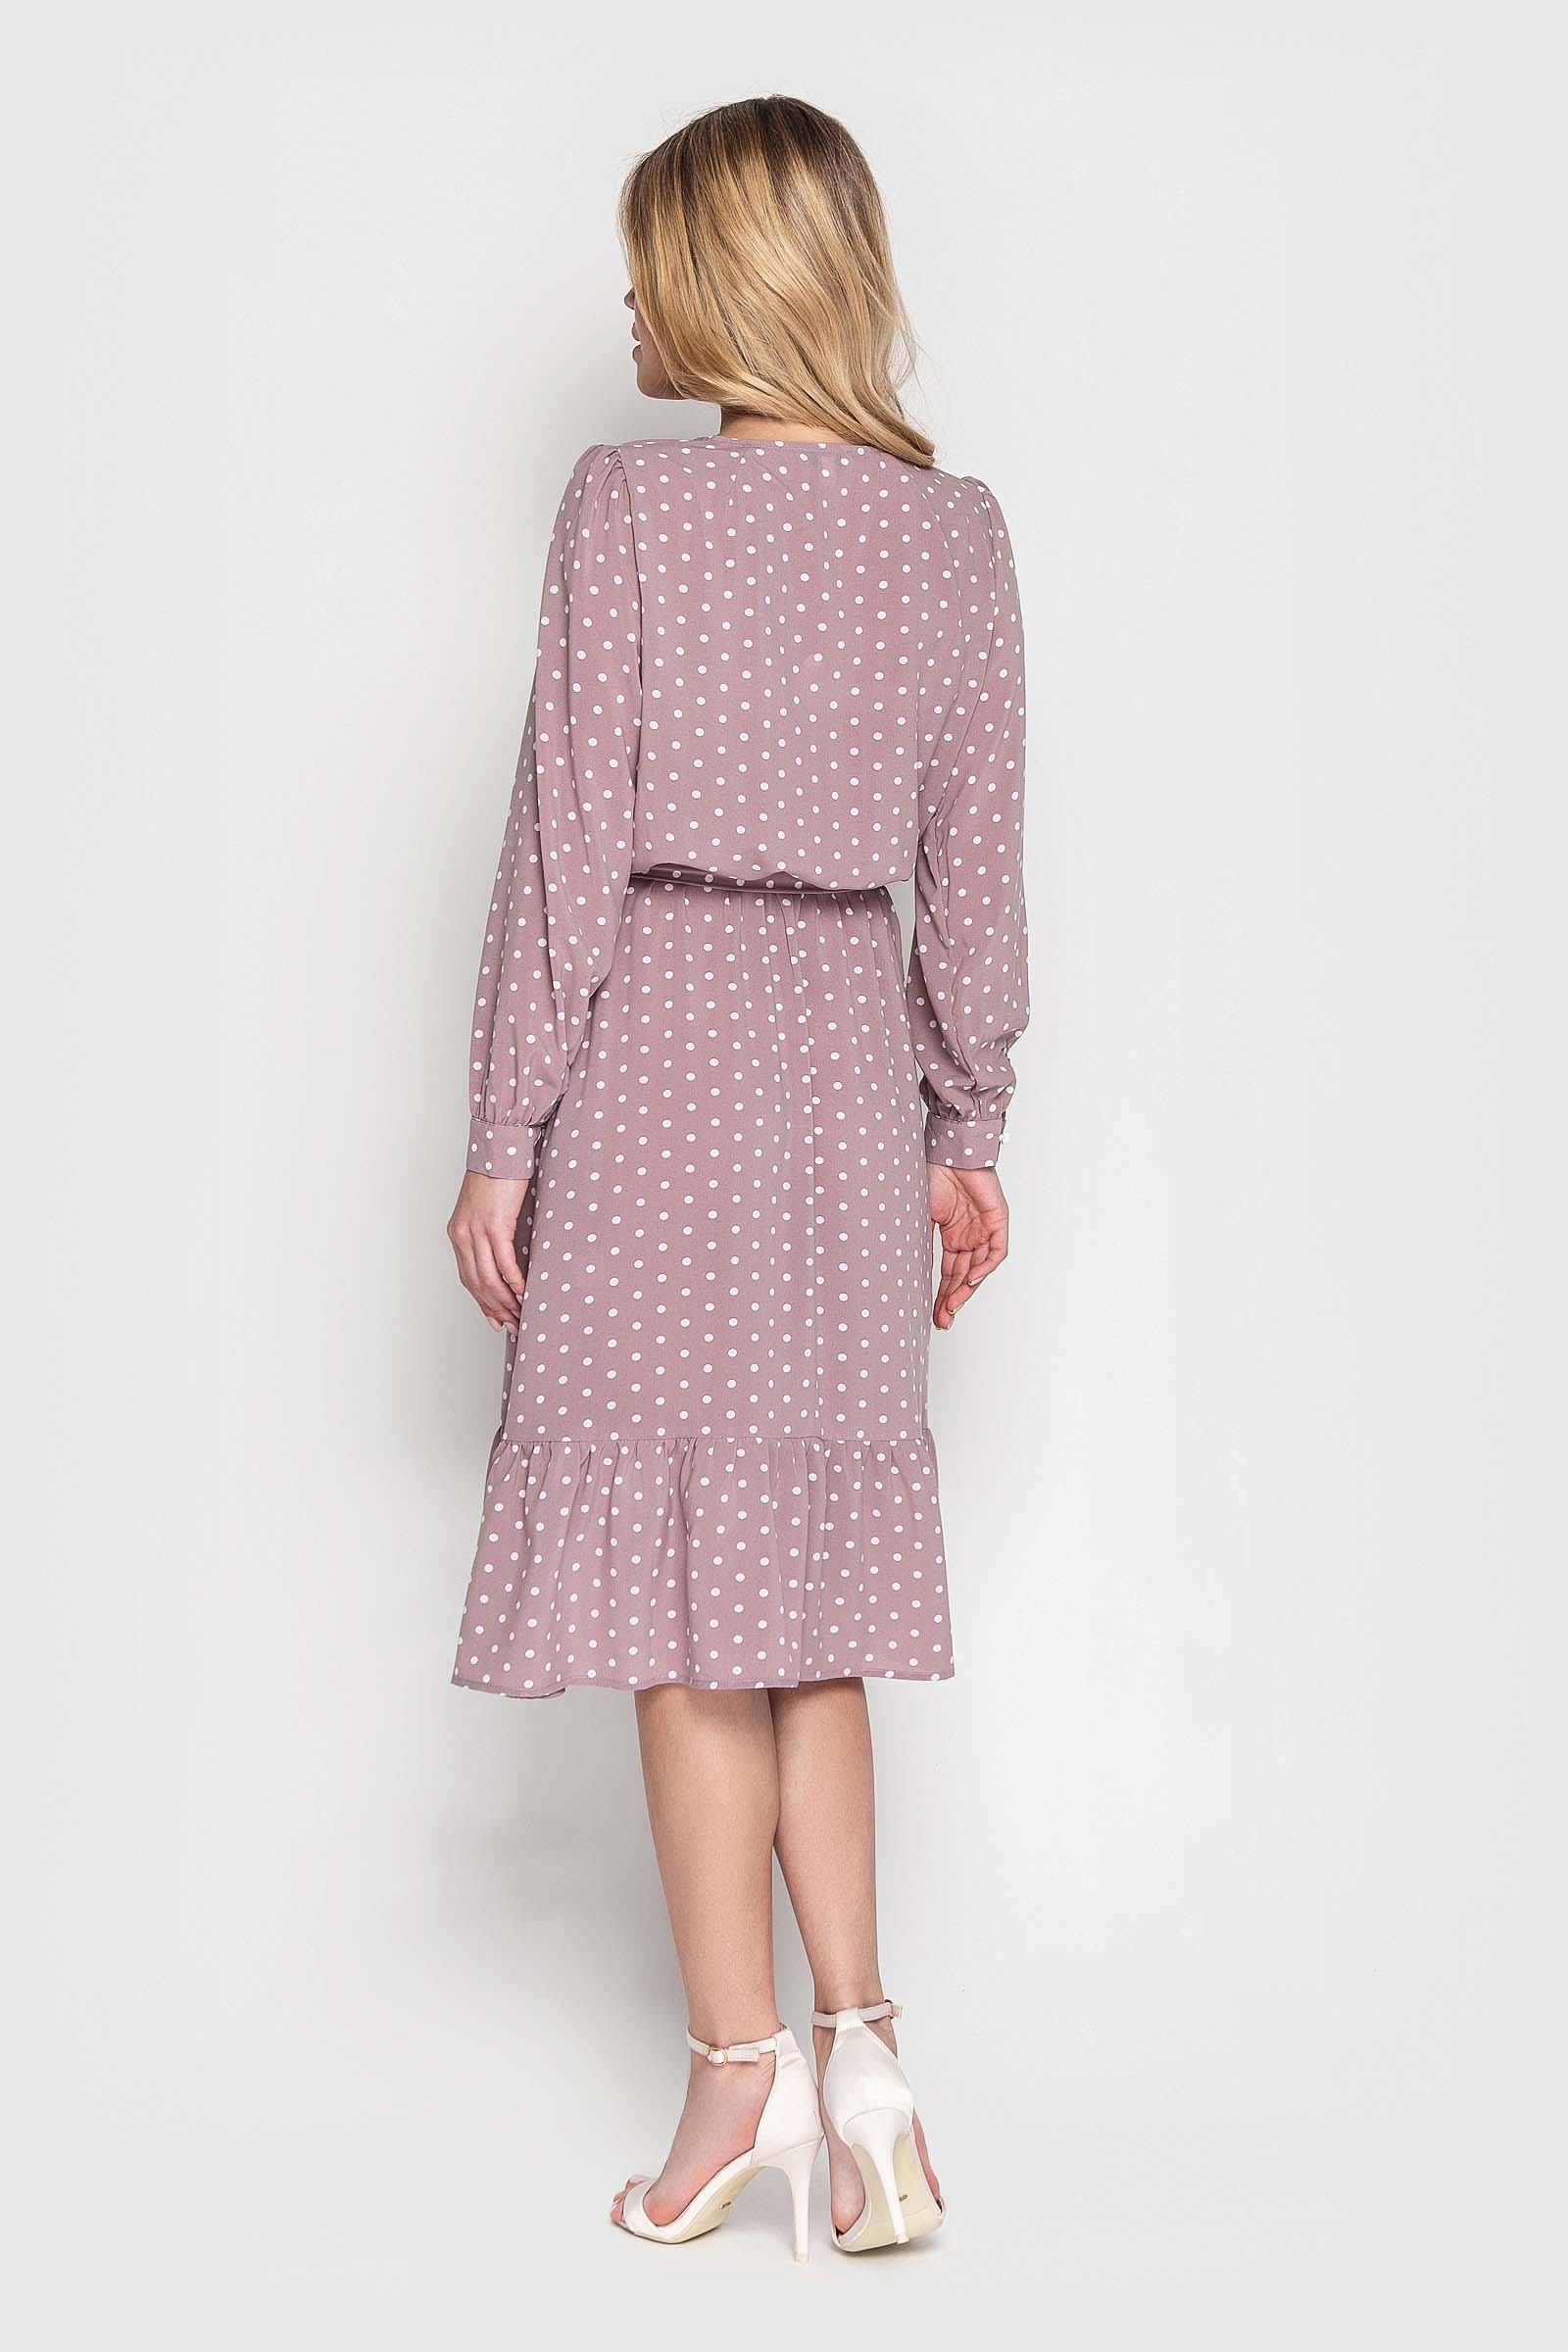 2021 04 10 poltava30216 Купить платье